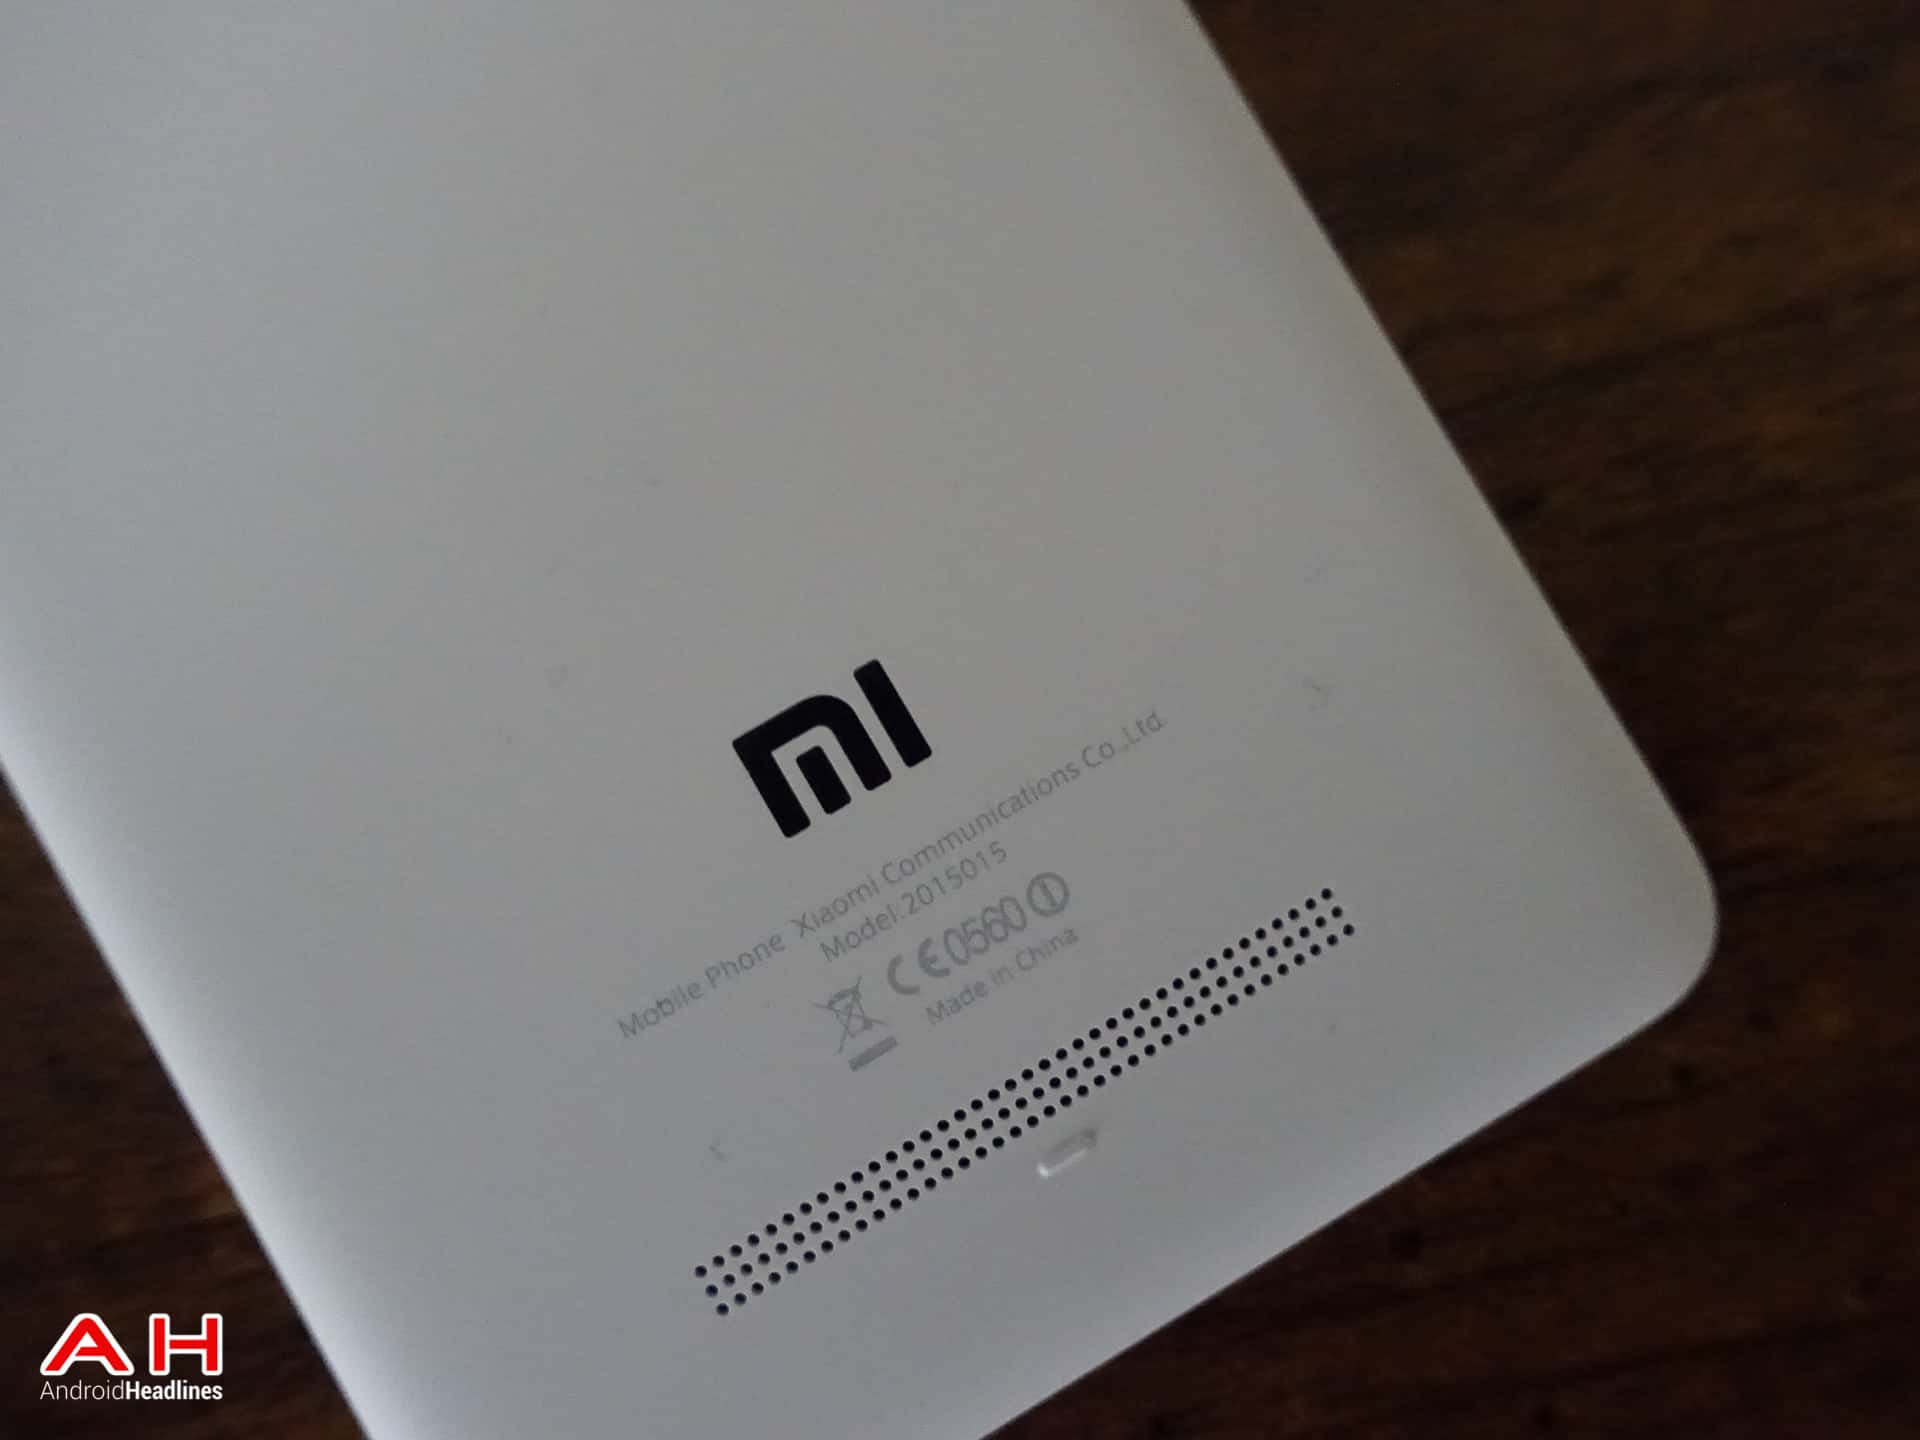 Xiaomi-Mi4i-AH-7